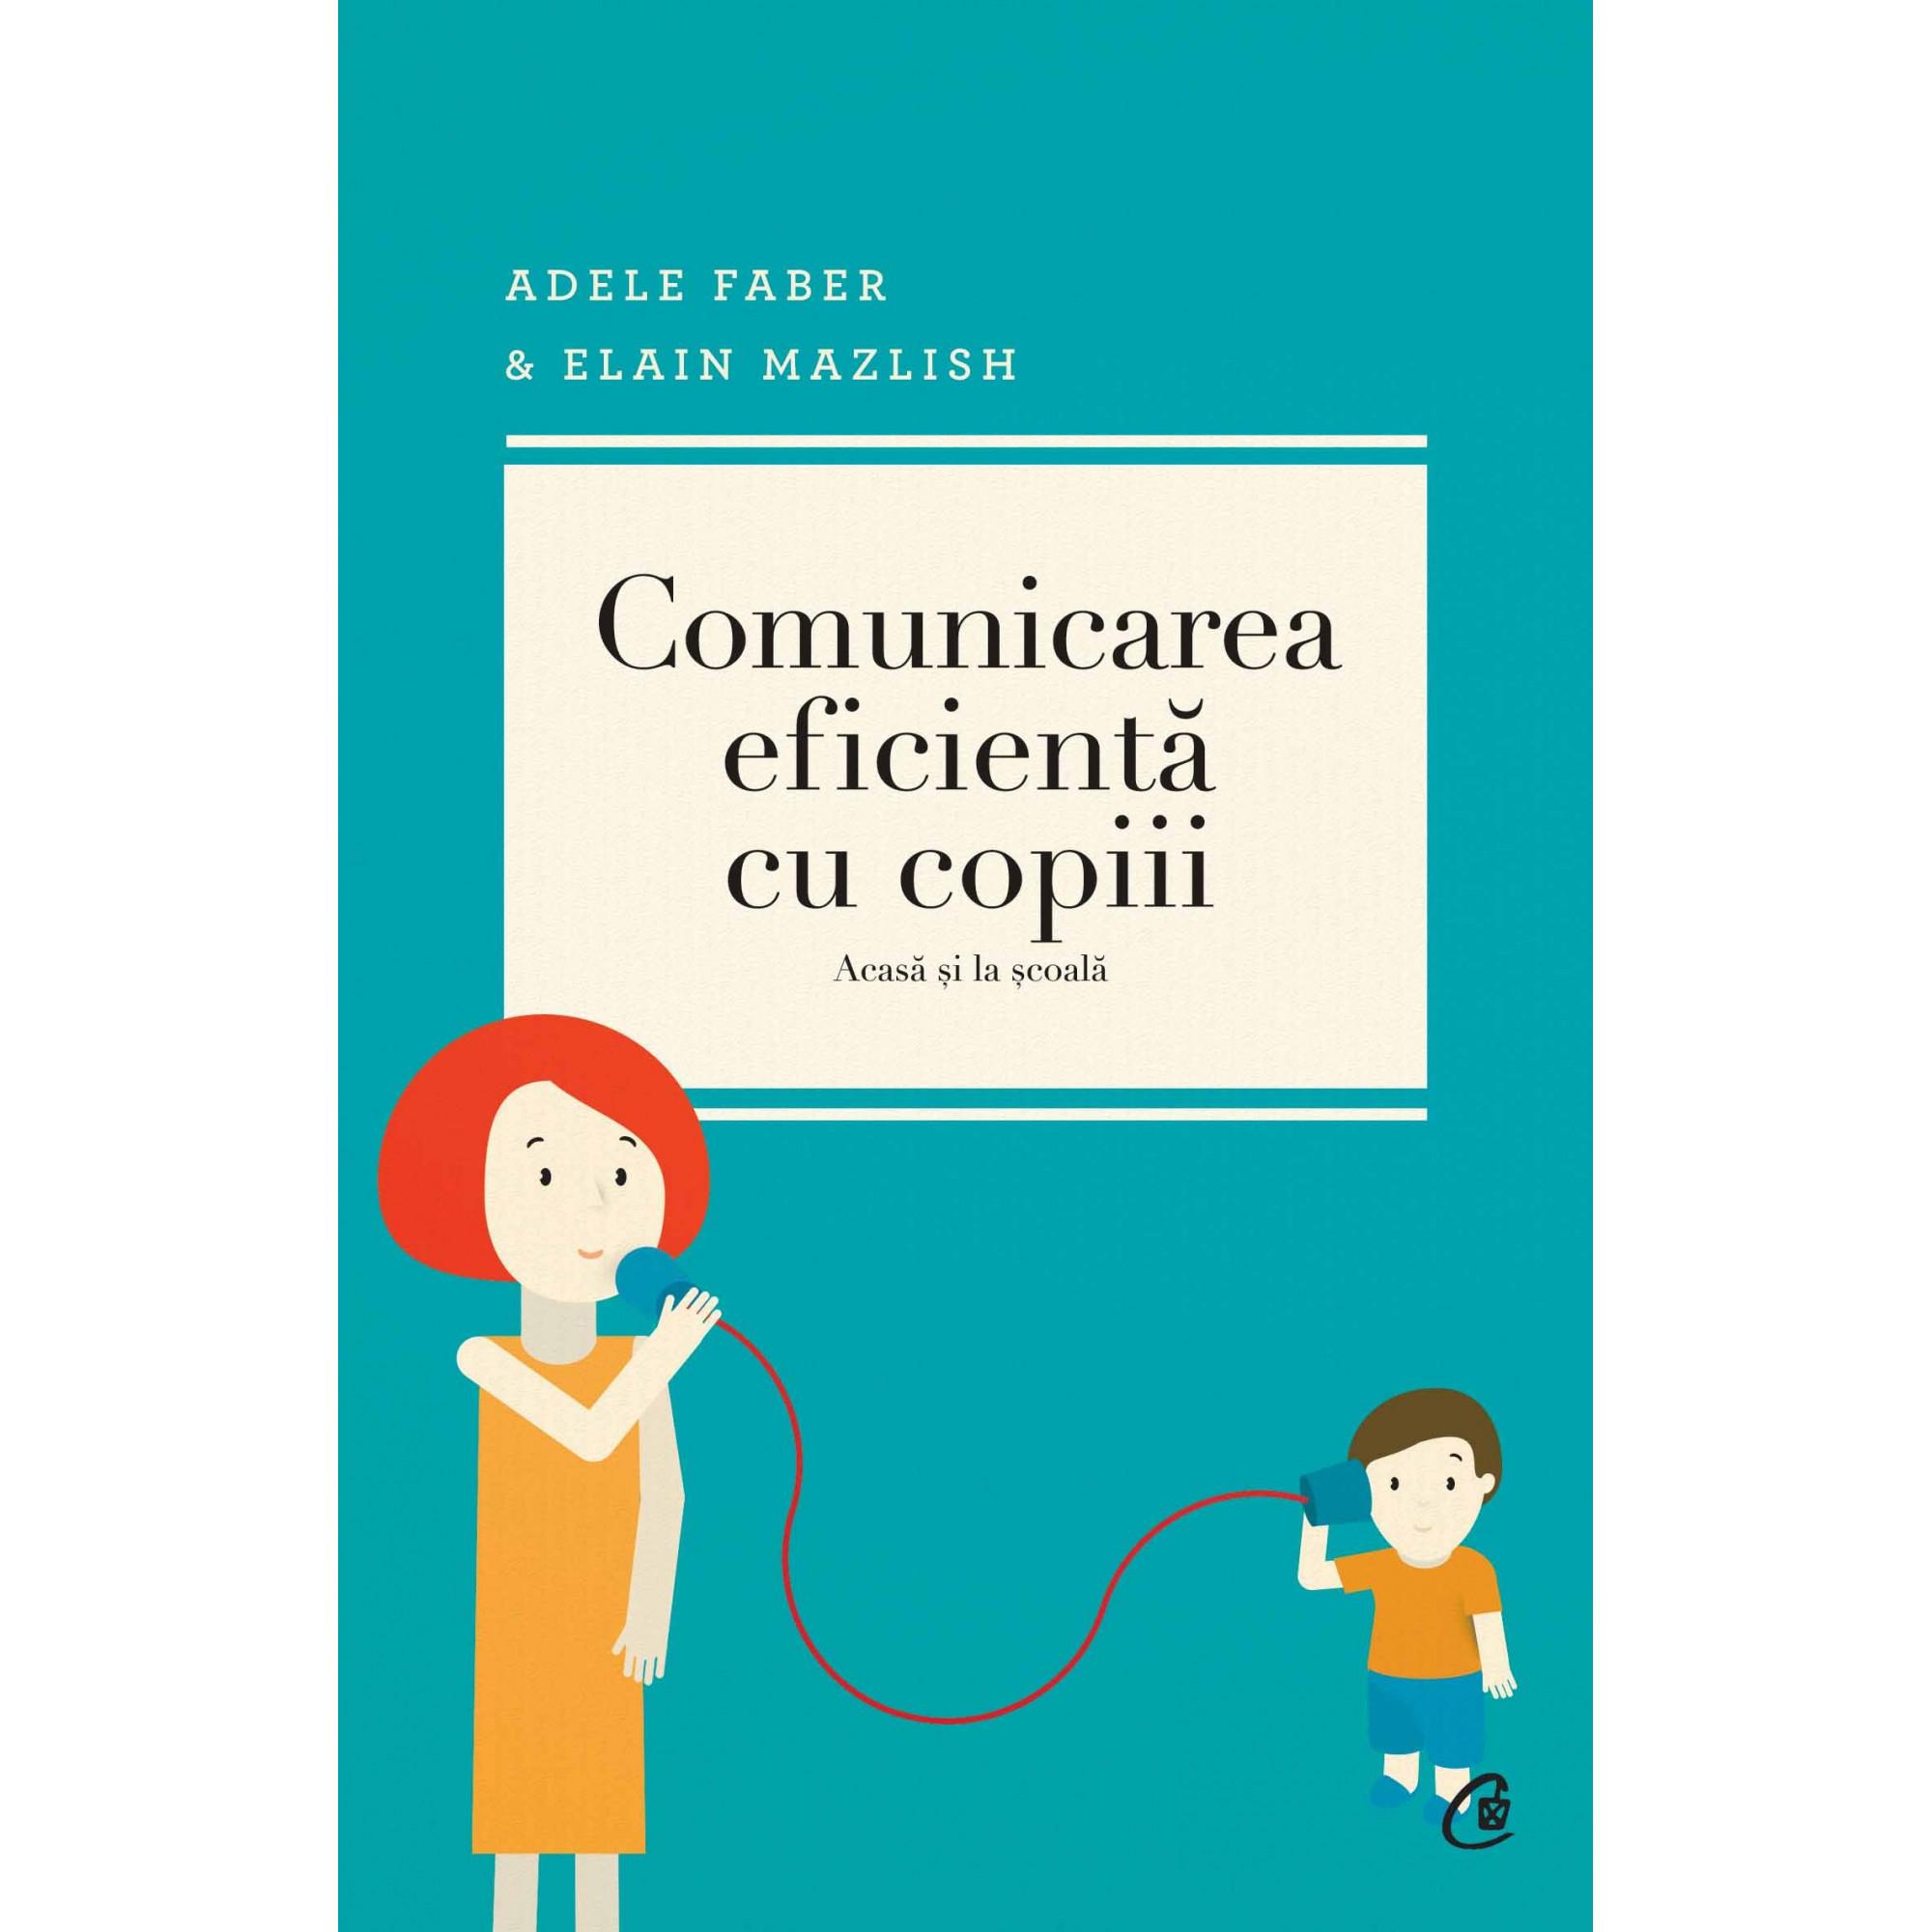 Comunicarea eficientă cu copiii. Ediţia a IV-a. Acasă şi la şcoală; Adele Faber, Elaine Mazlish, Lisa Nyberg, Rosalyn Anstine Templeton